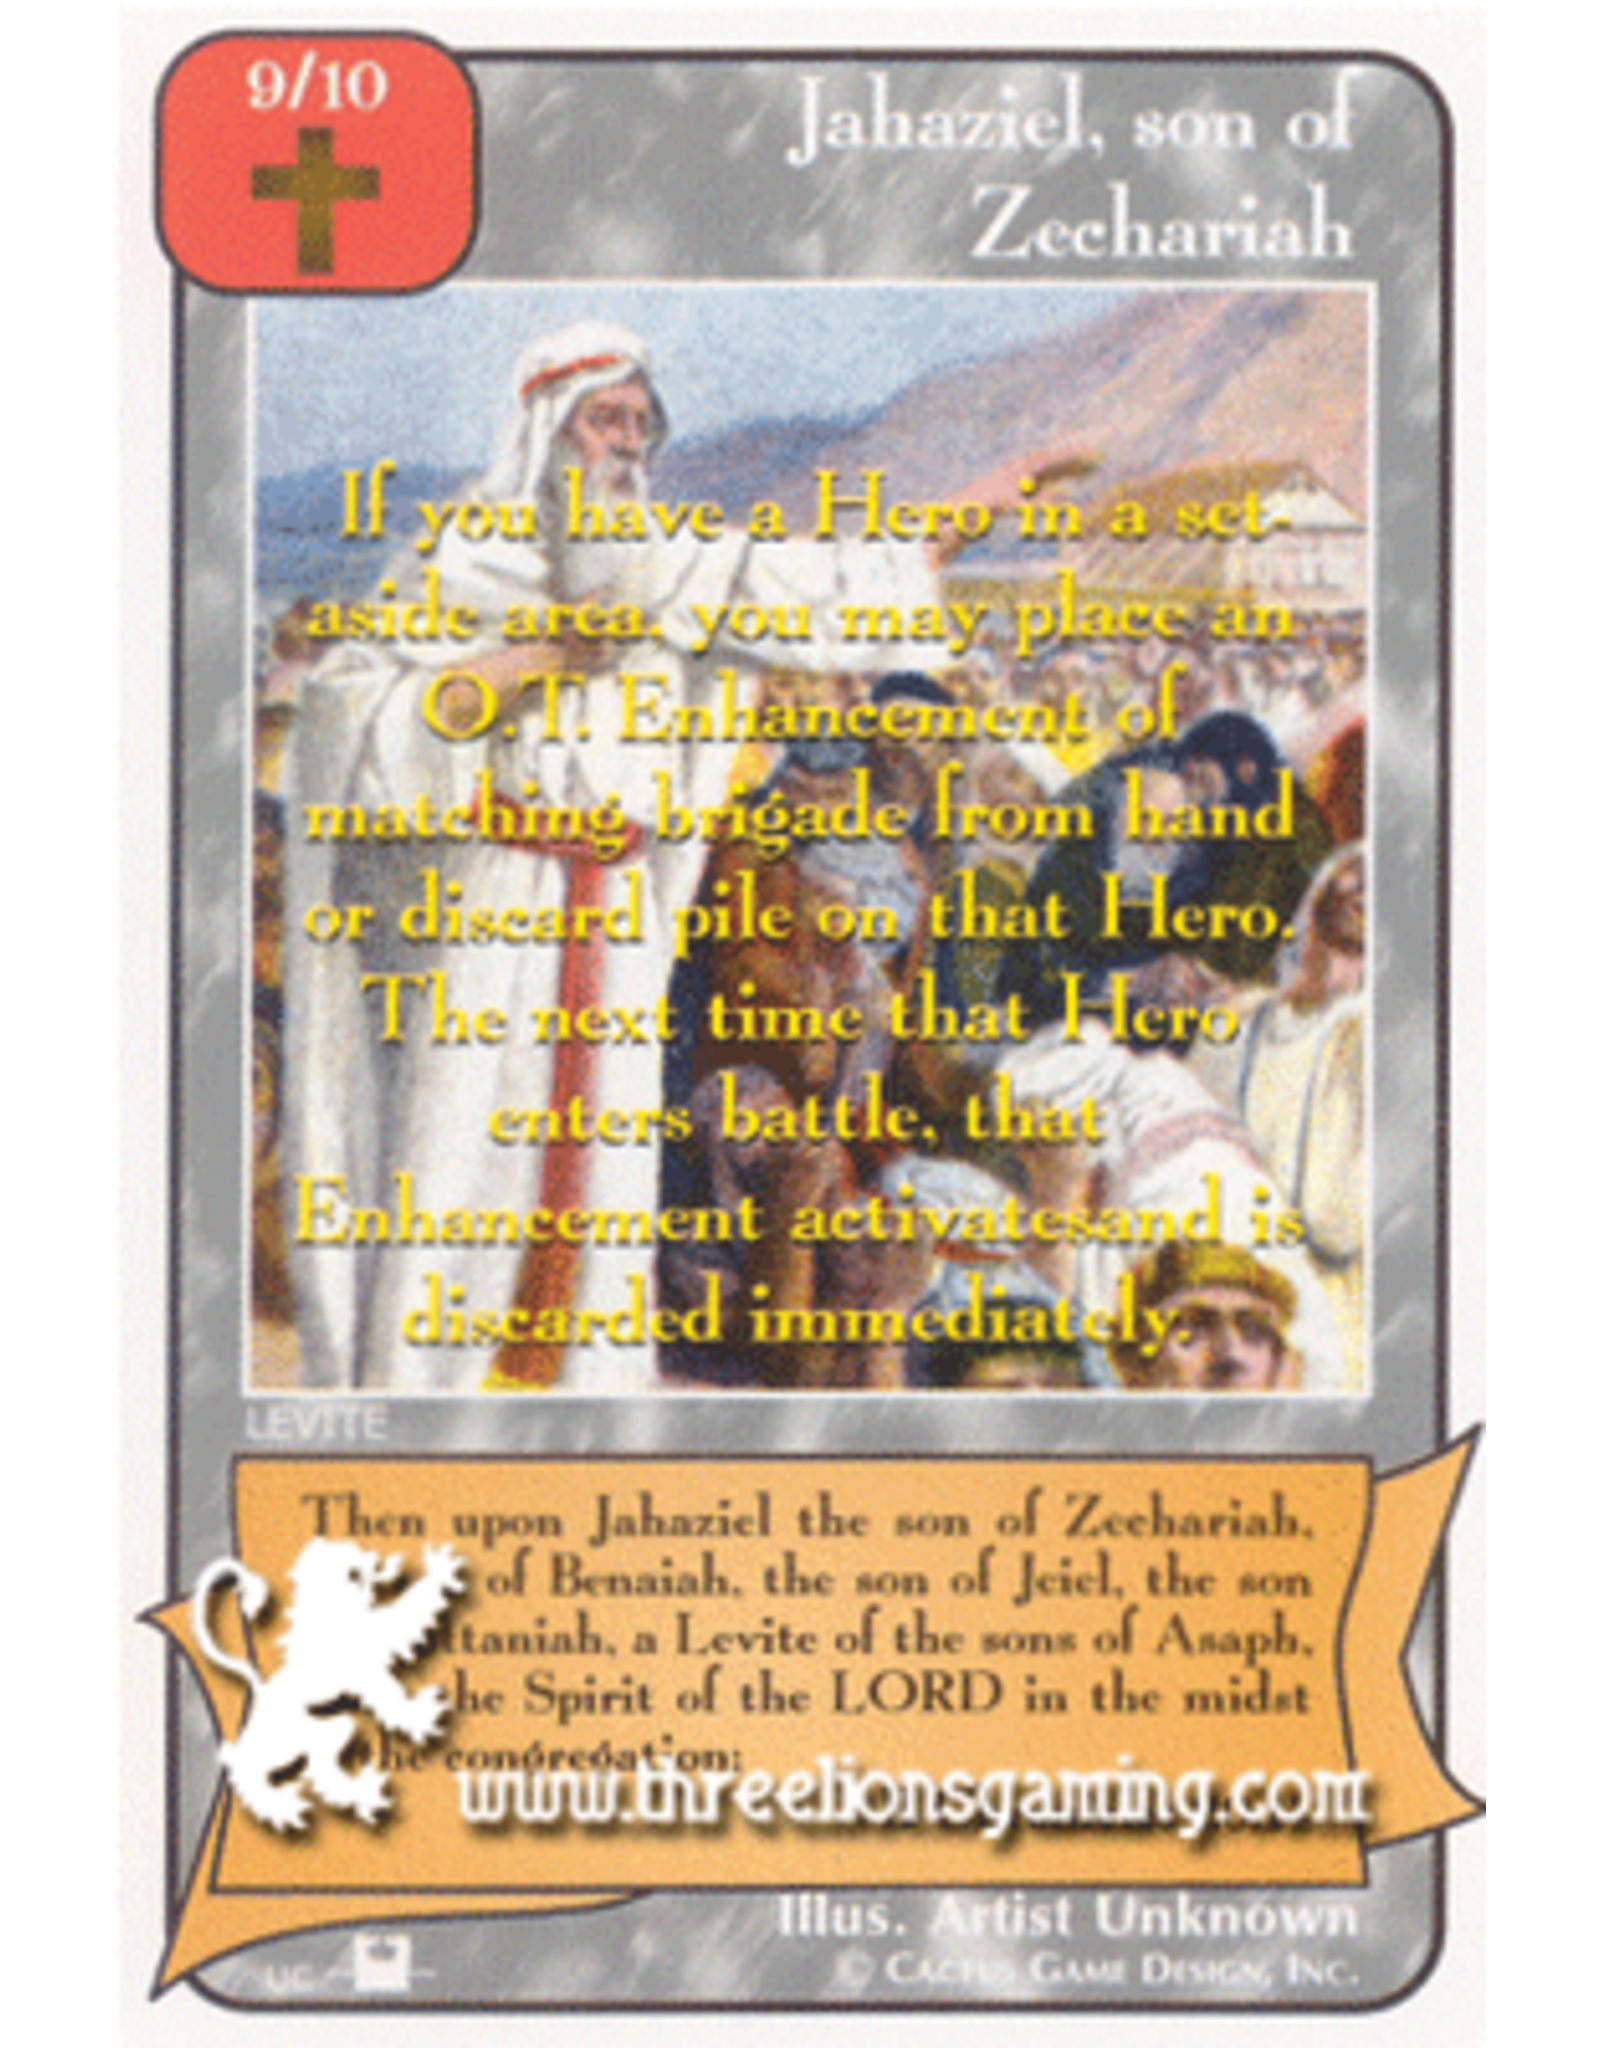 Priest: Jahaziel, son of Zechariah